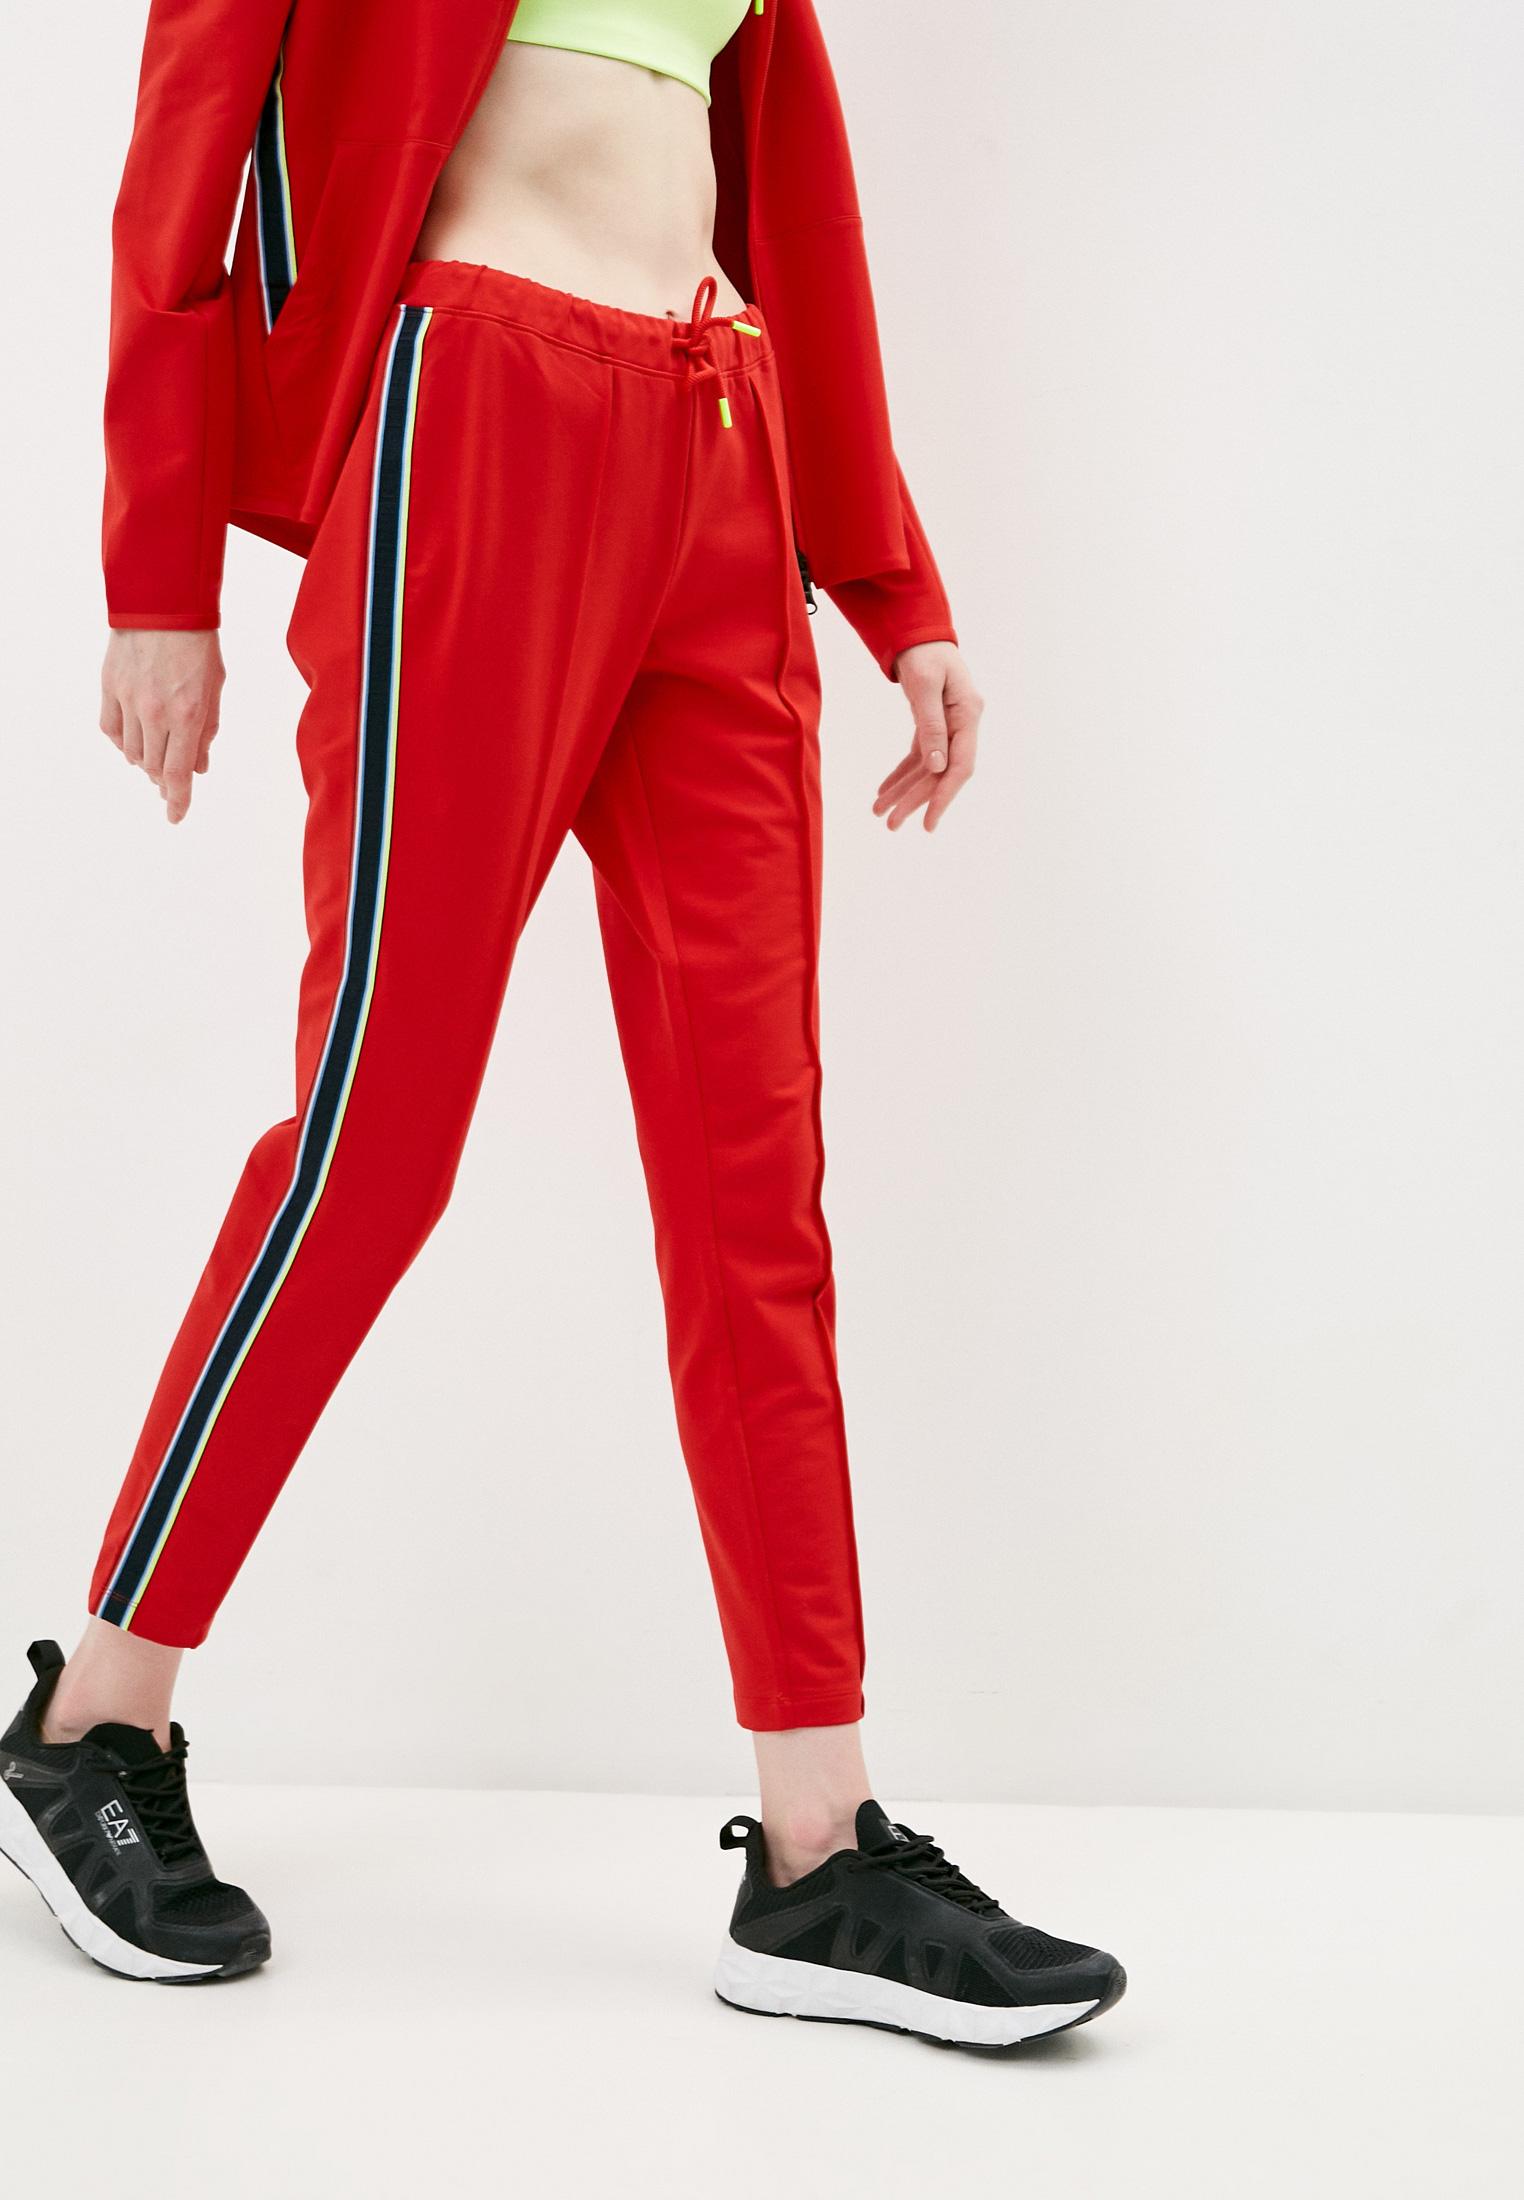 Женские спортивные брюки Bogner Fire+Ice Брюки спортивные Bogner Fire+Ice